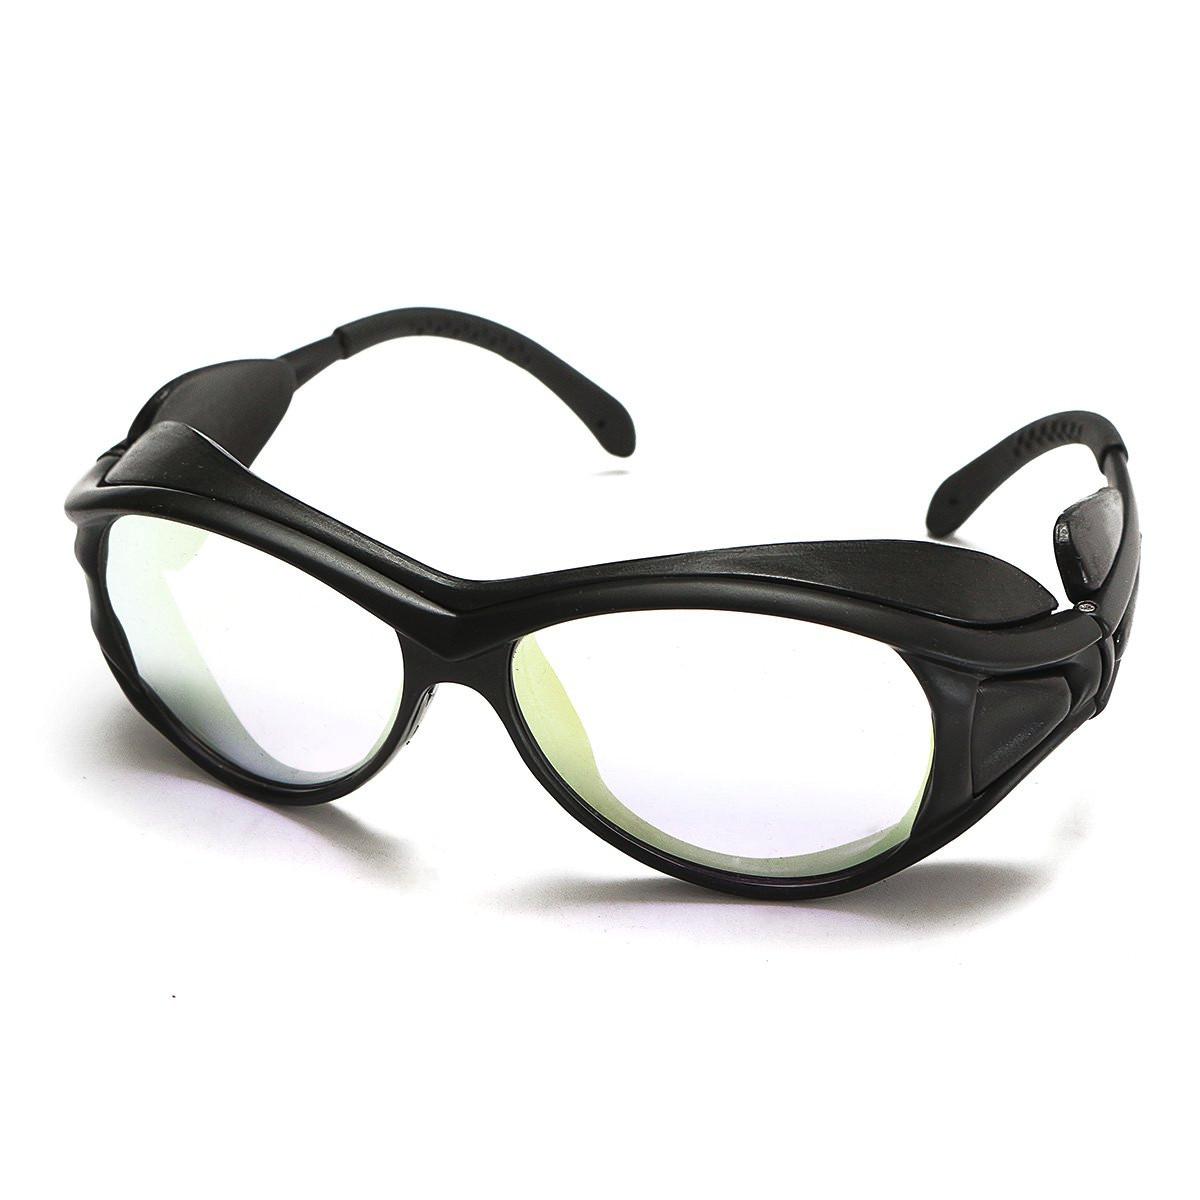 7c5af6d85438b Laser de CO2 óculos de proteção de camada dupla óculos profissionais 10.6um  od + 7